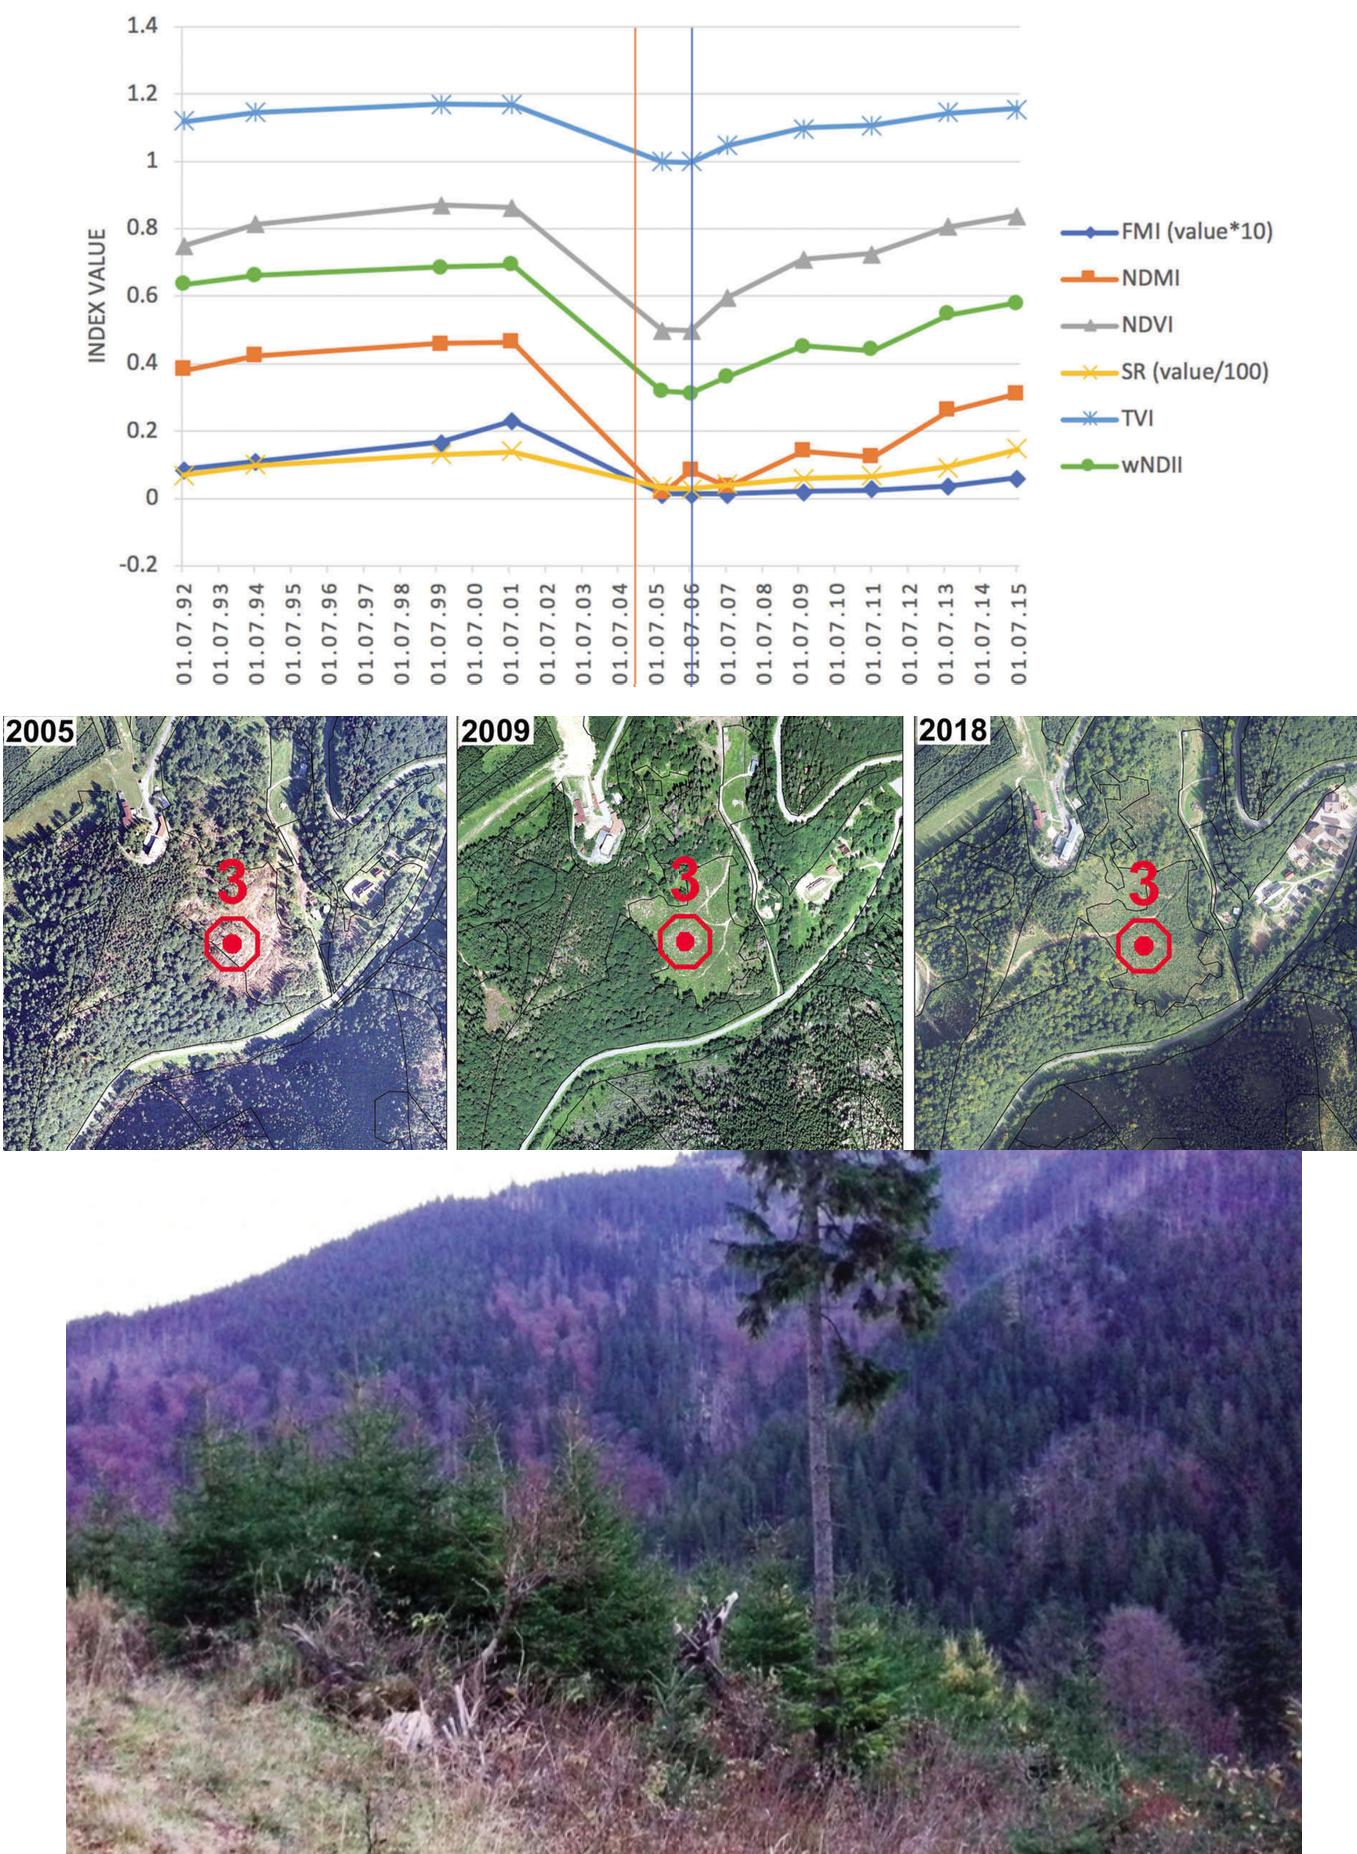 Obrázek 18: Vývoj vegetačních indexů pro lokalitu s větrnou kalamitou v Nízkých Tatrách mezi roky 1992 a 2015, pozorováno pomocí dat mise Landsat